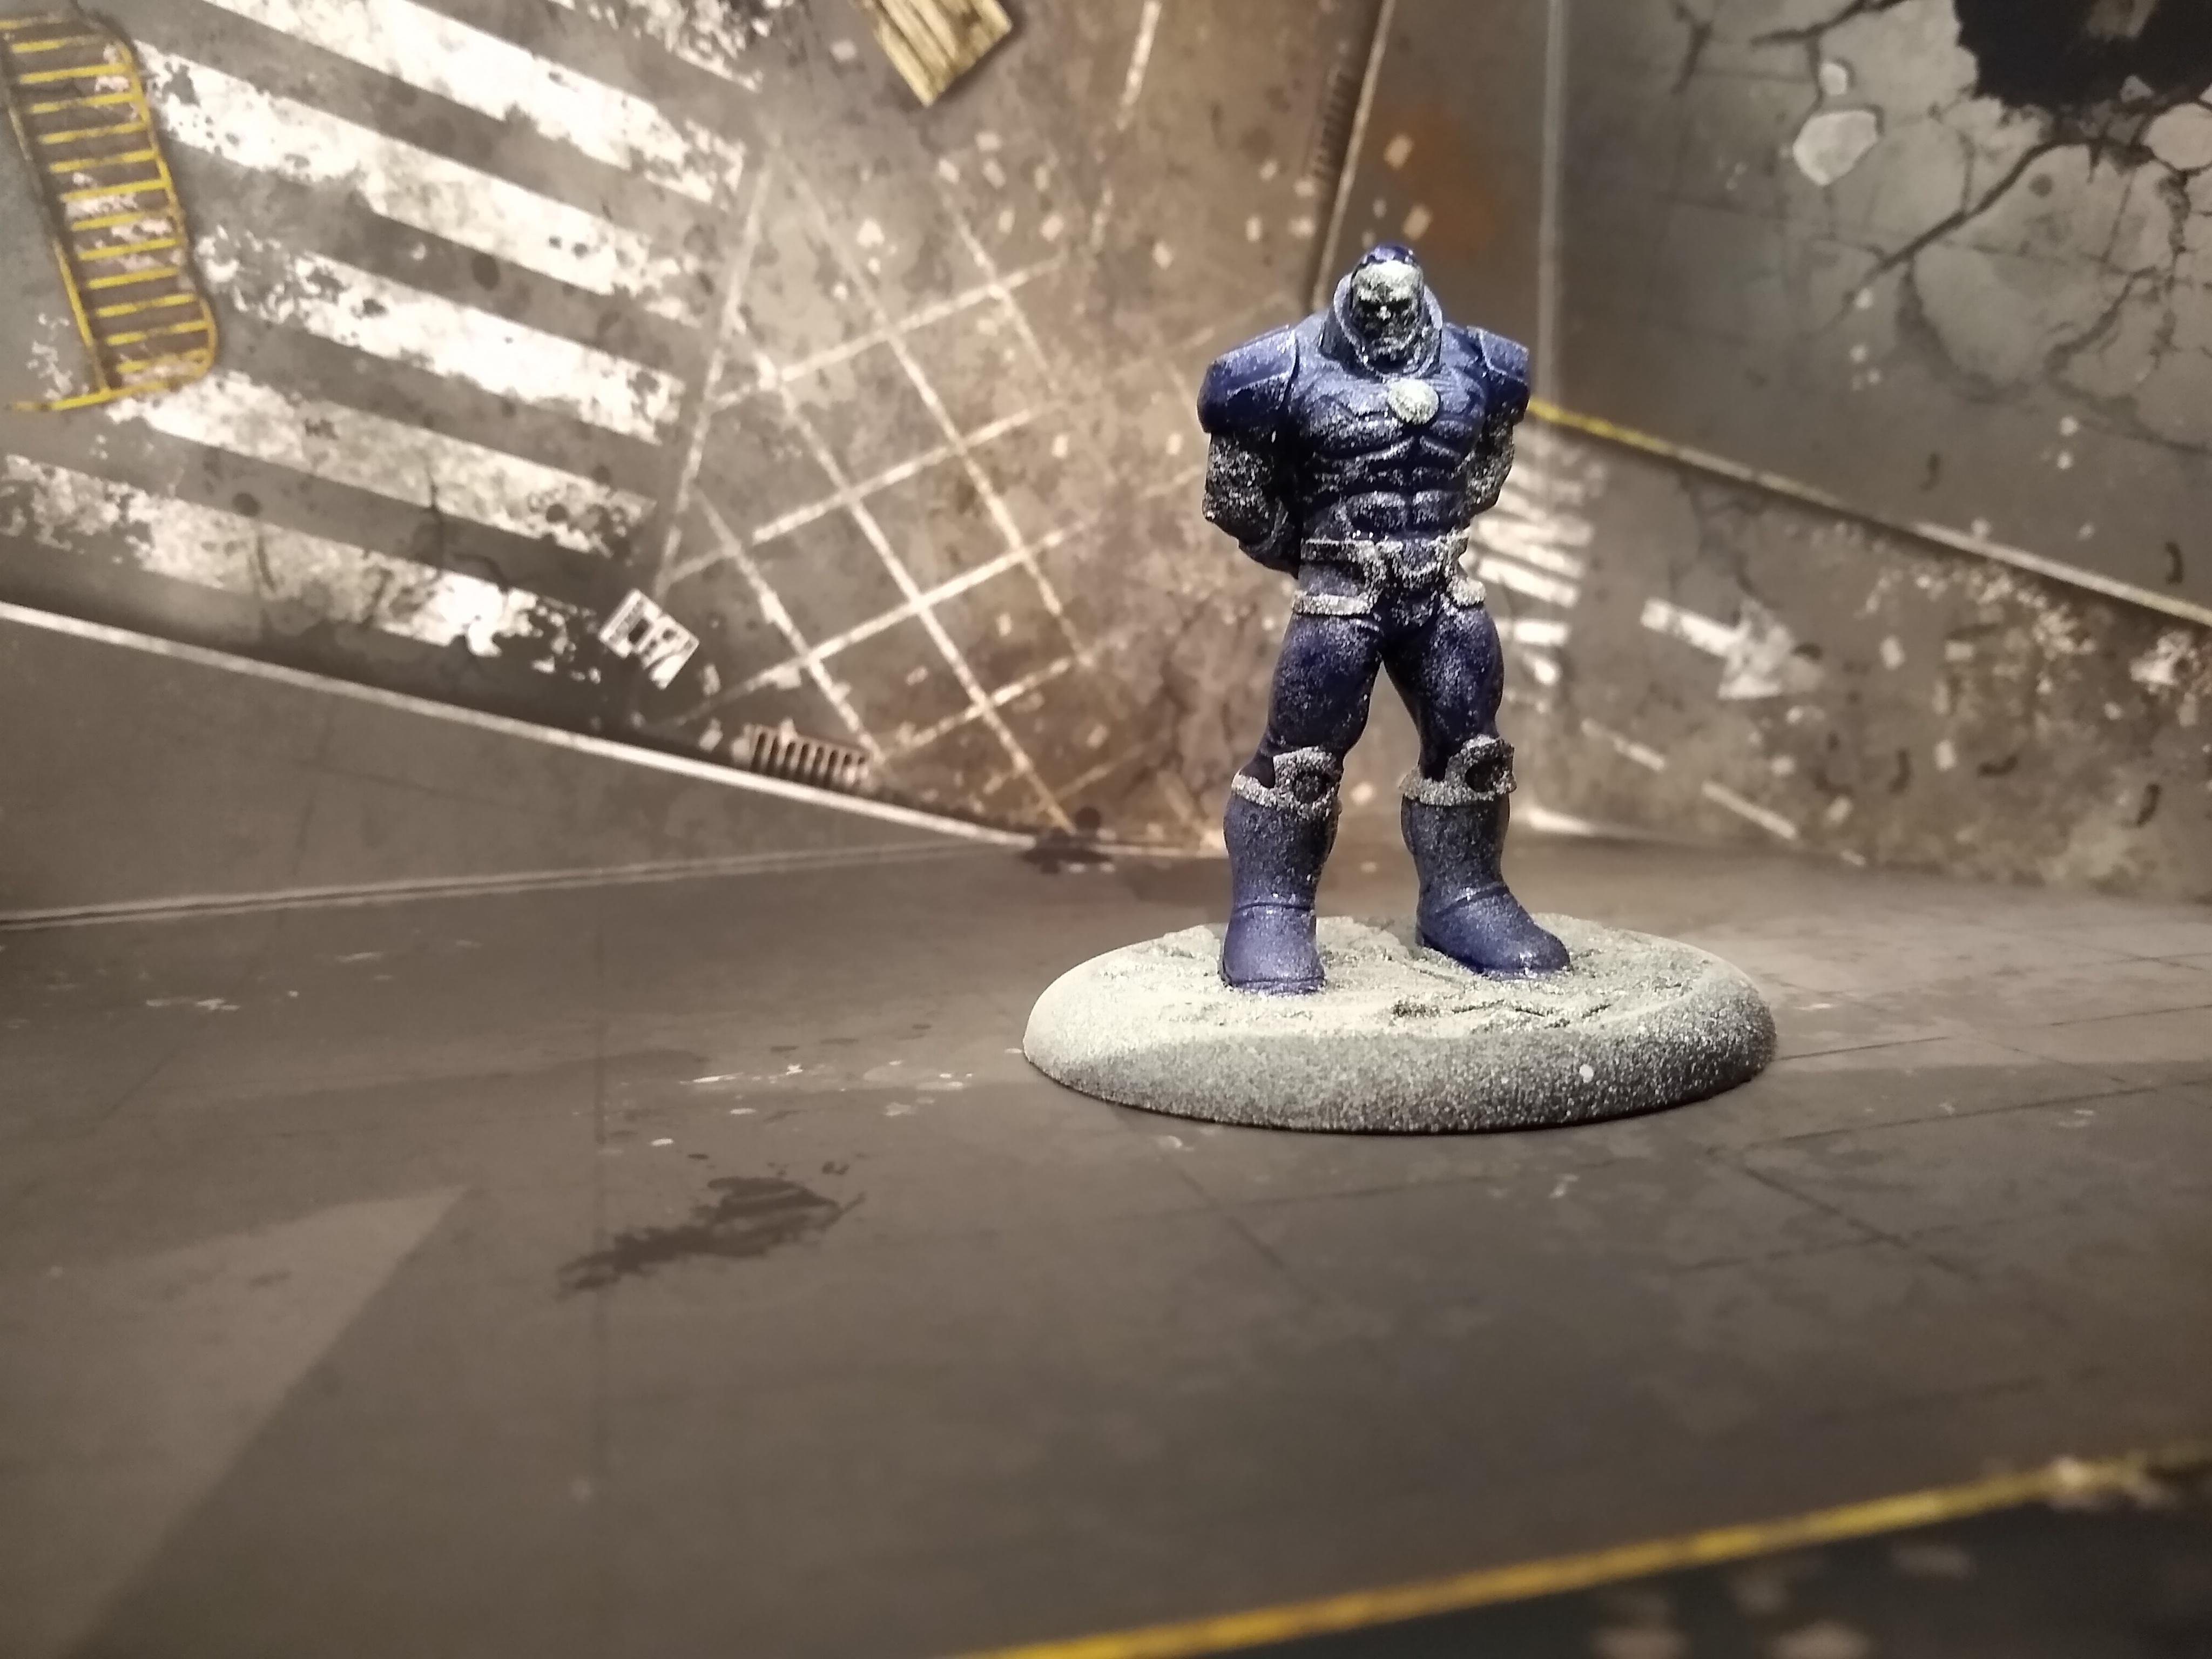 Darkseid is a smurf